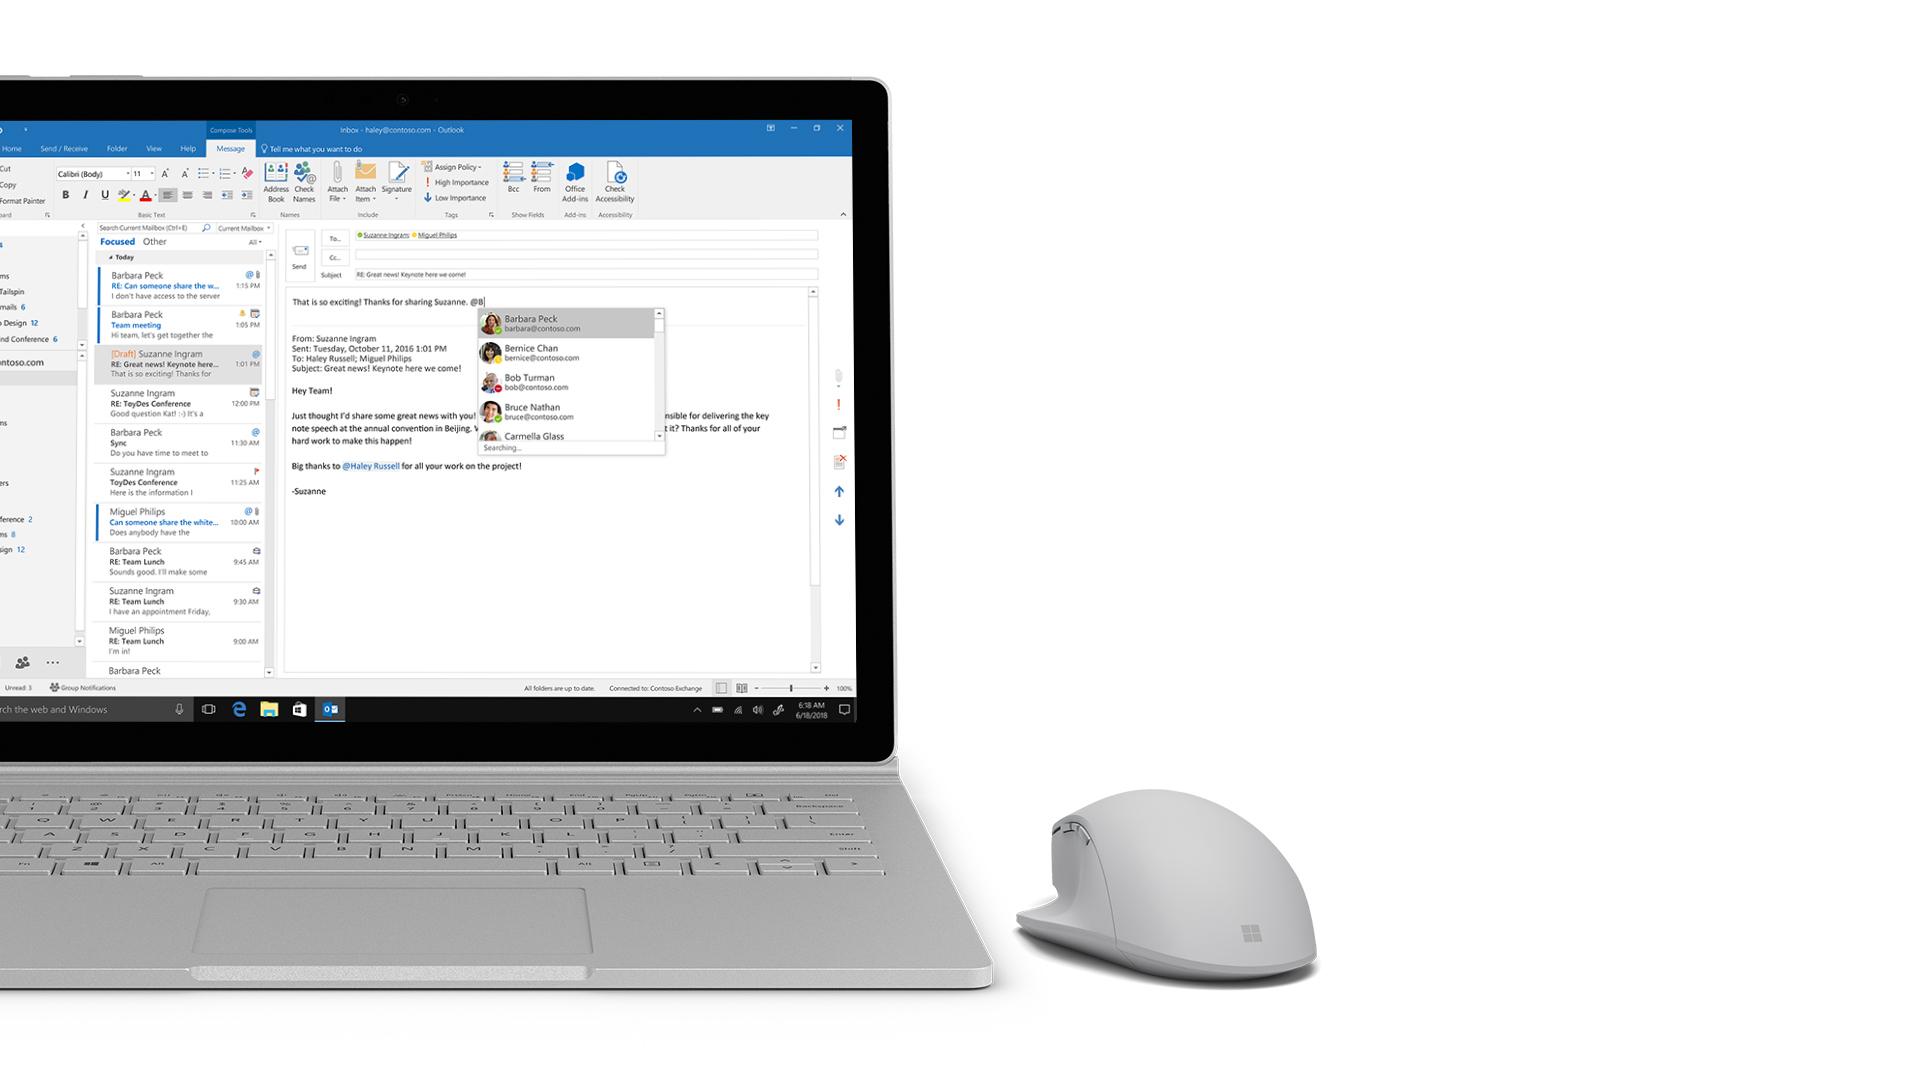 لقطة شاشة من تطبيق Outlook على جهاز Surface.